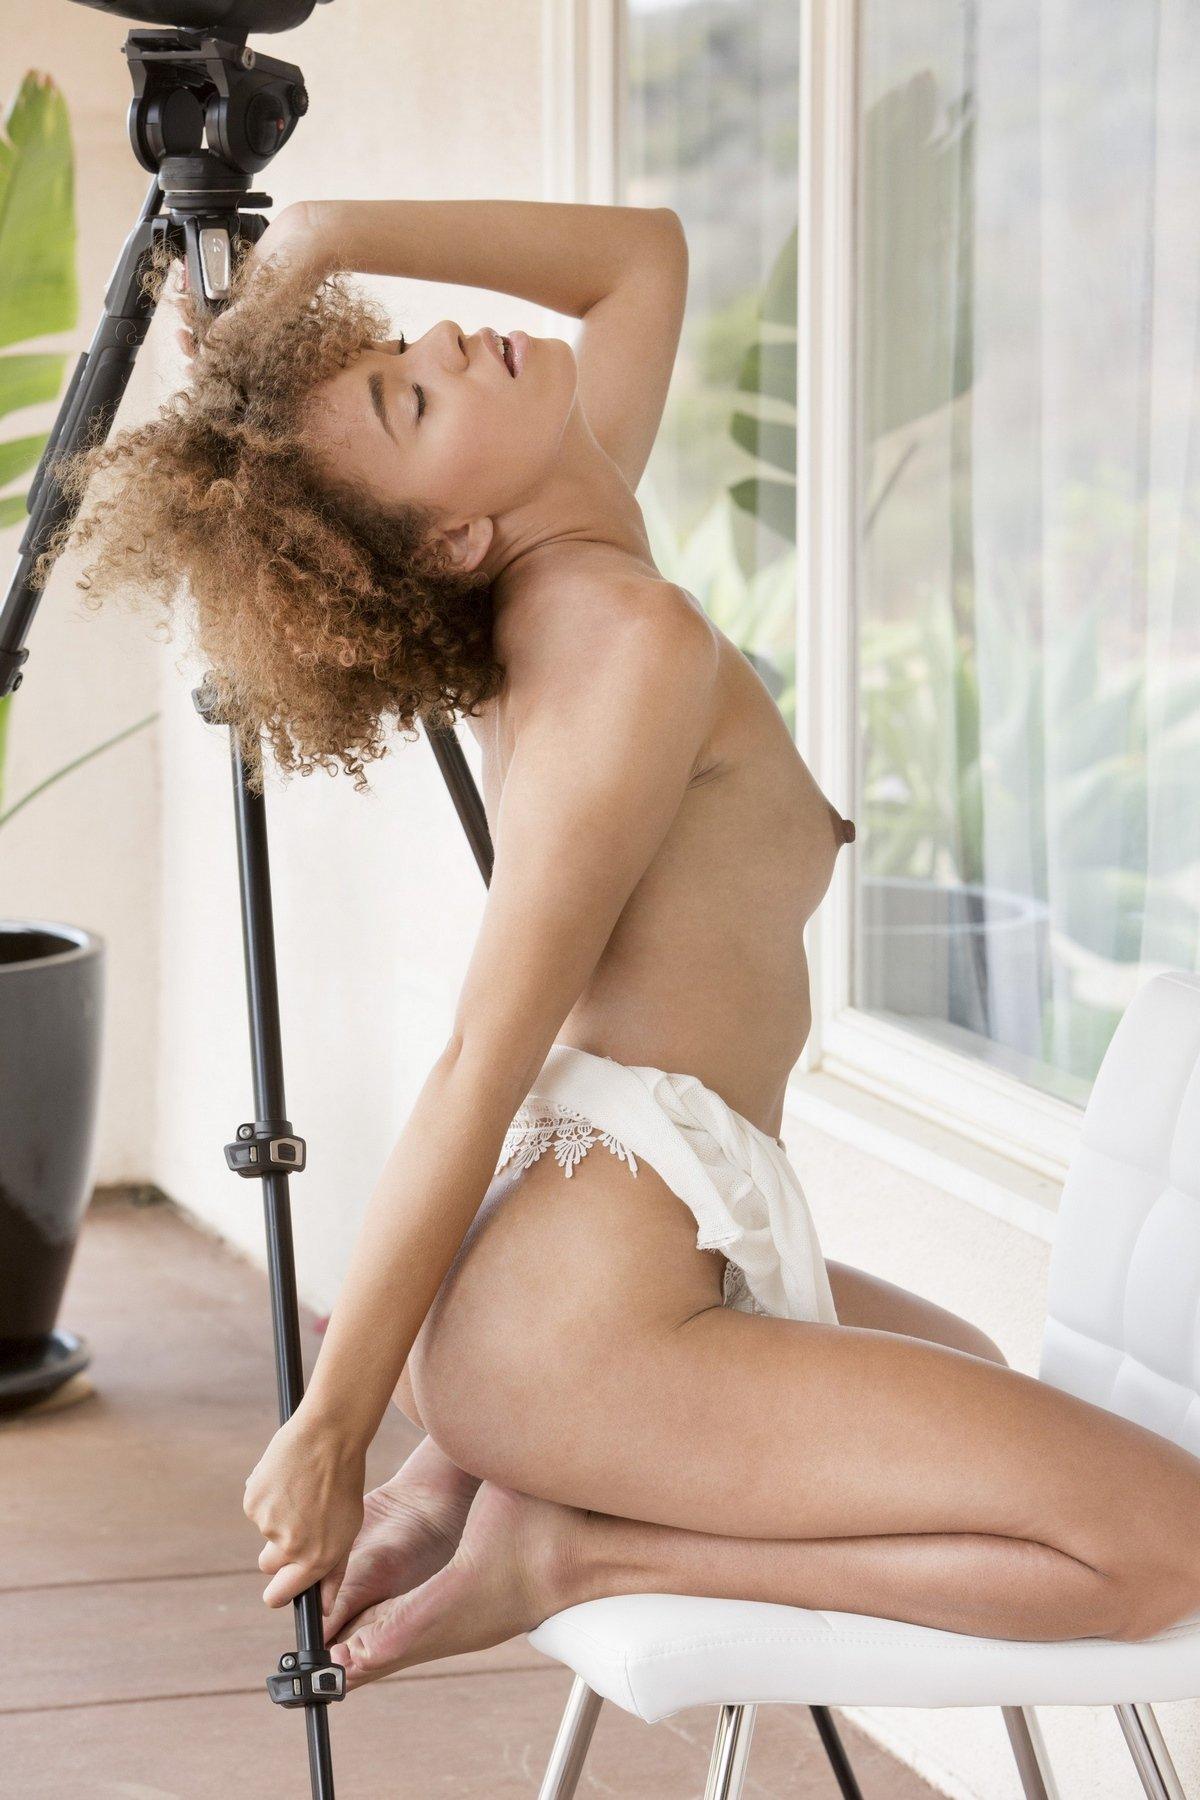 Красотка без трусов смотрит в телескоп секс фото